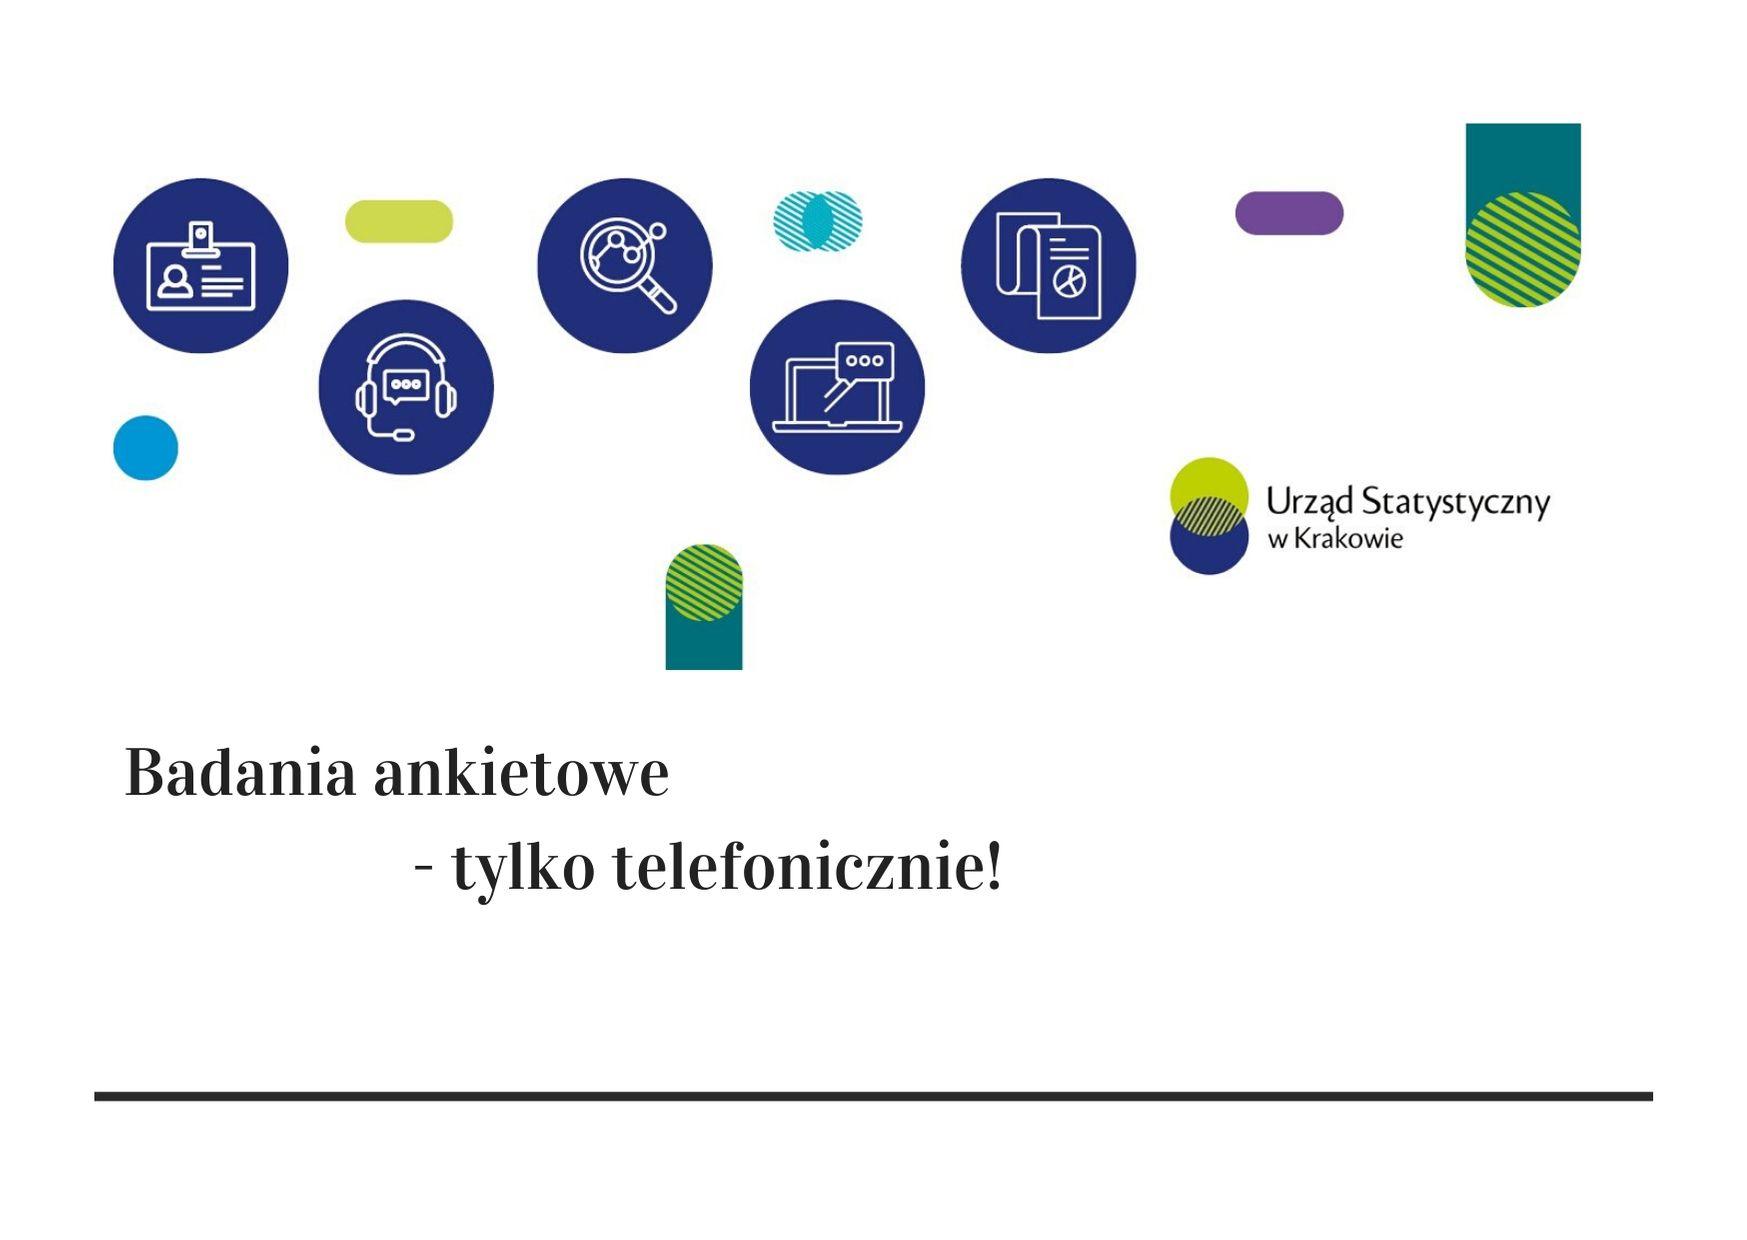 Badania ankietowe w województwie małopolskim- plakat informacyjny